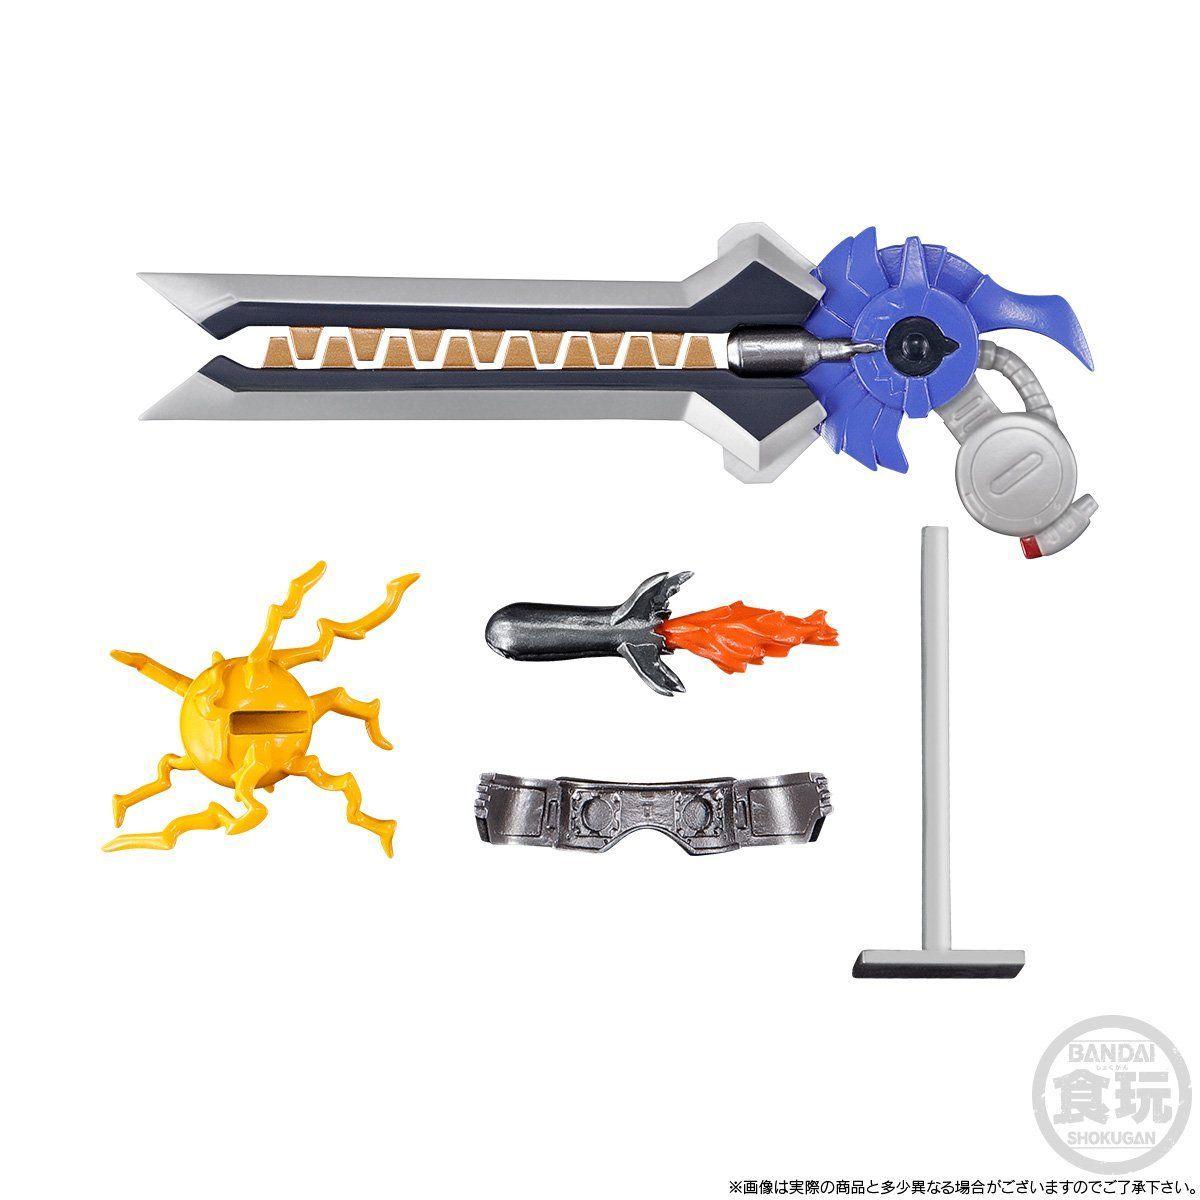 【限定販売】【食玩】SHODO デジモン『メタルグレイモン&ワーガルルモン』コンプリートセット-006